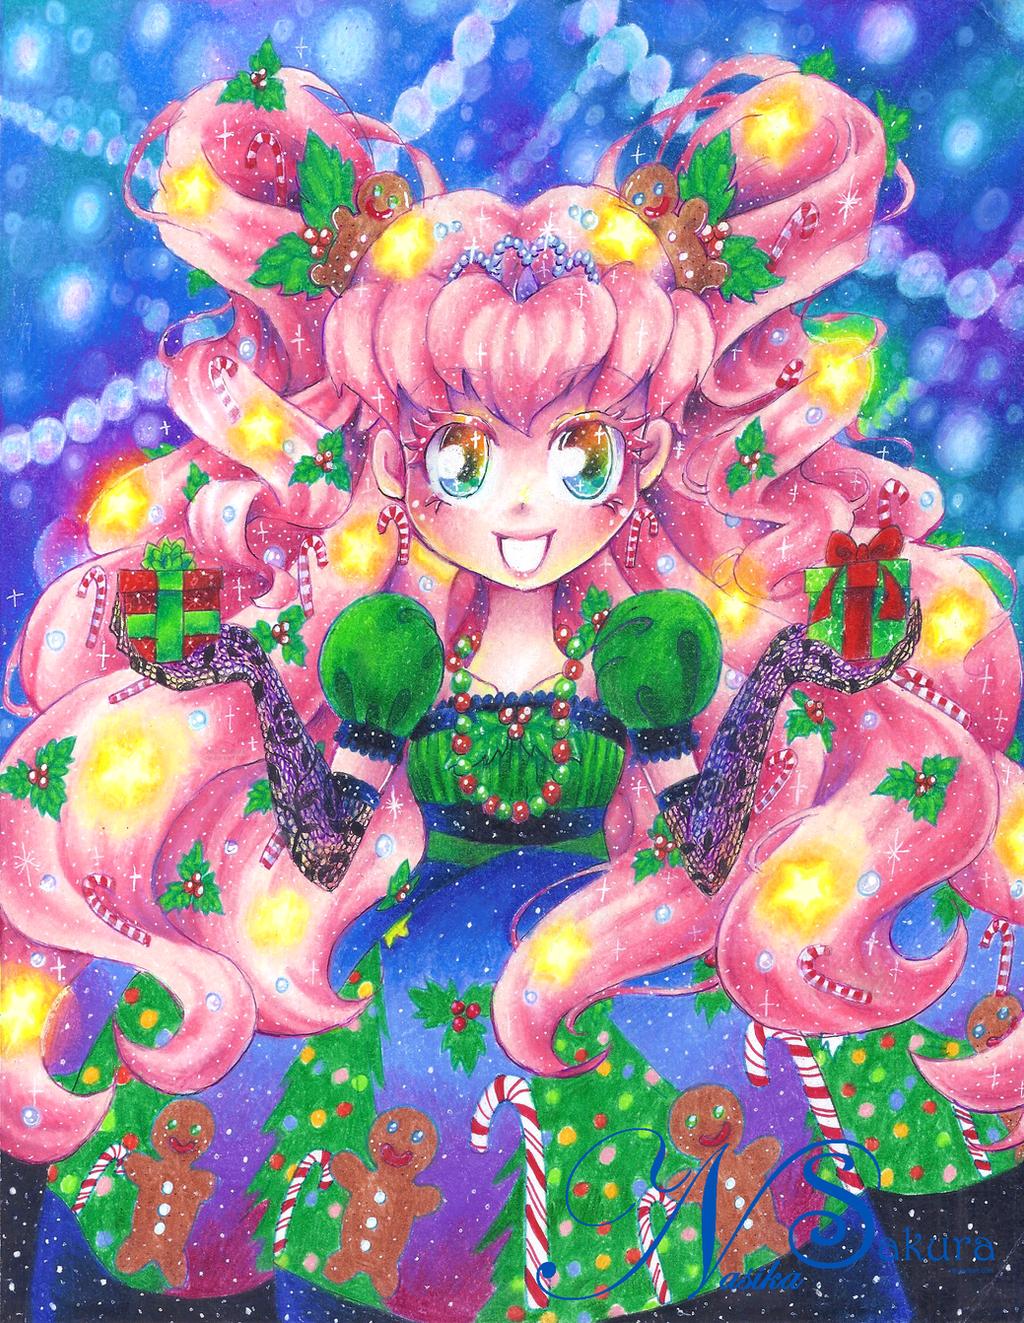 A Very ''Baby'' Christmas! by NasikaSakura